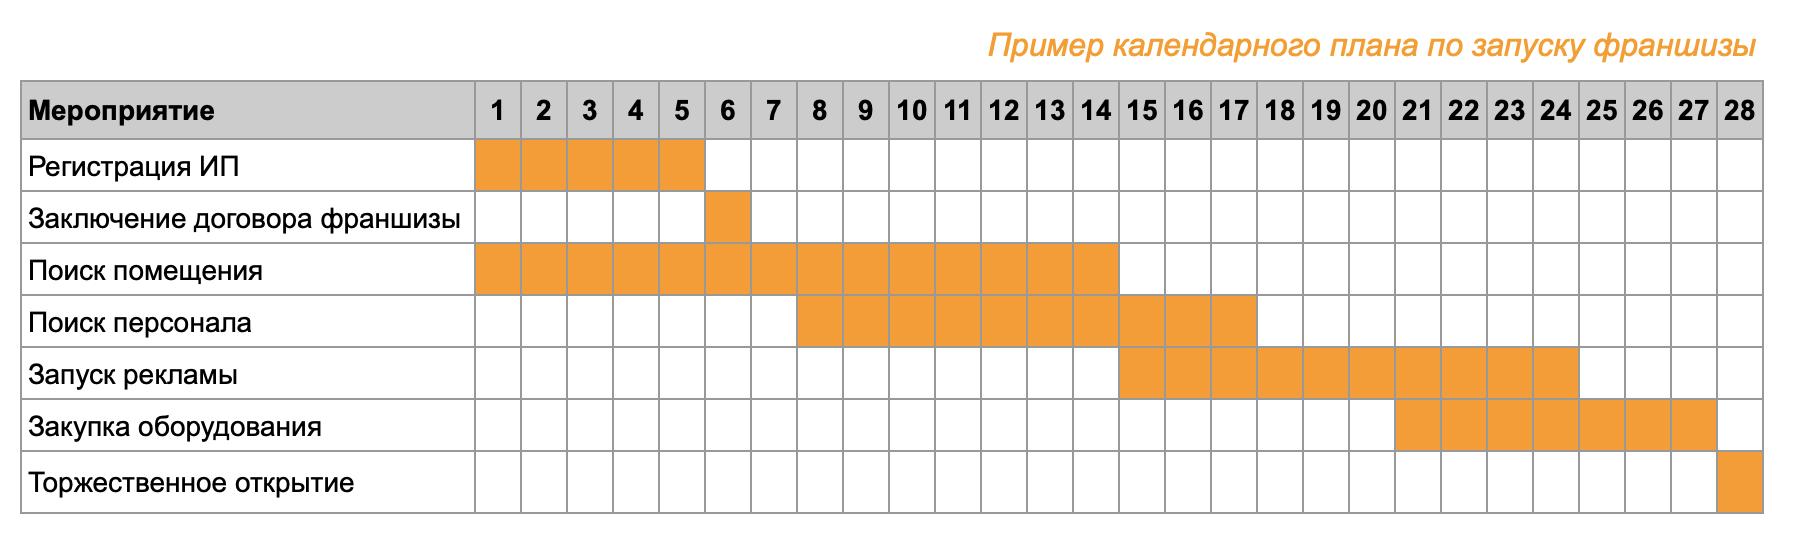 kalendarnyj-plan-franshiza-tablica